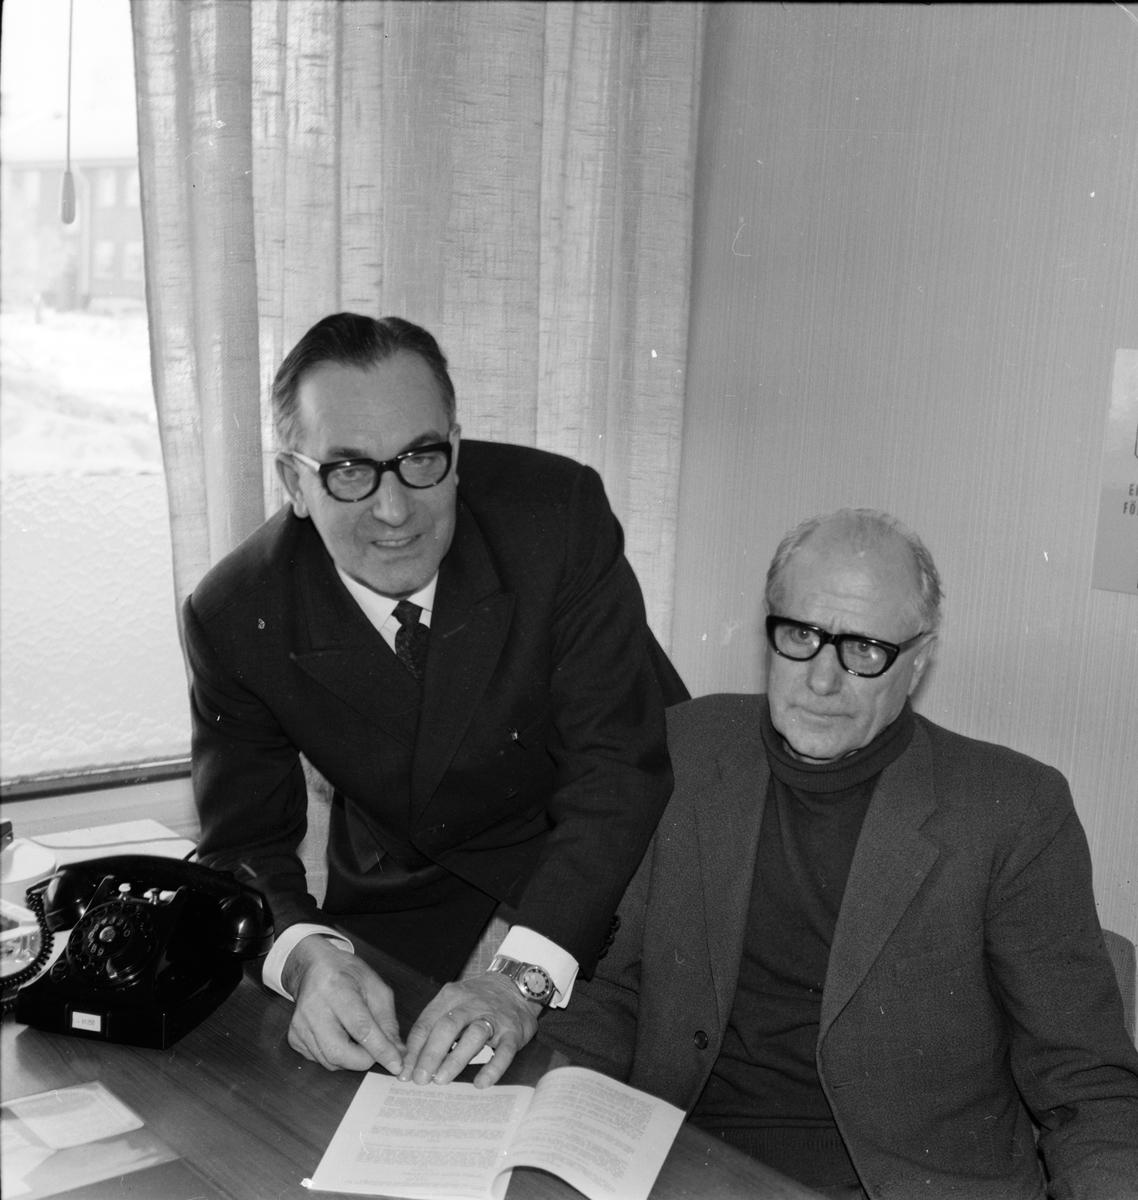 Arbrå, Jordbrukskassans omsättning, Ordf. Jonas Eriksson, Kamrer Olsson, Mars 1969